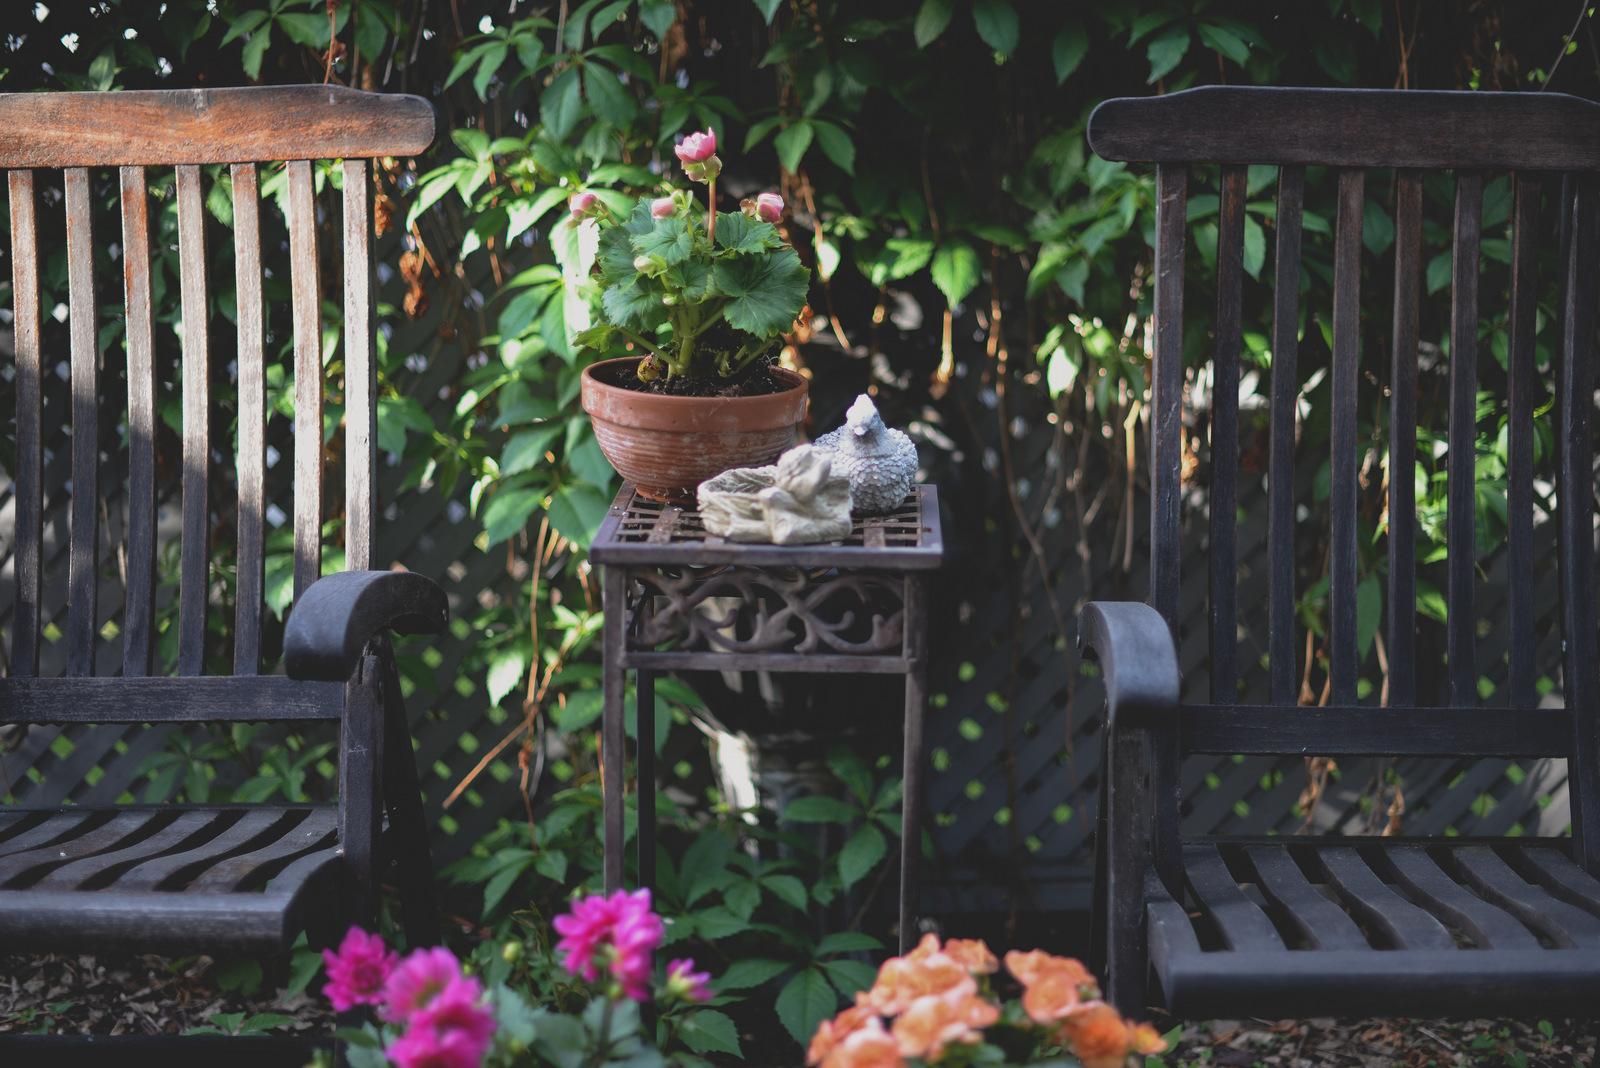 backyard in the summer